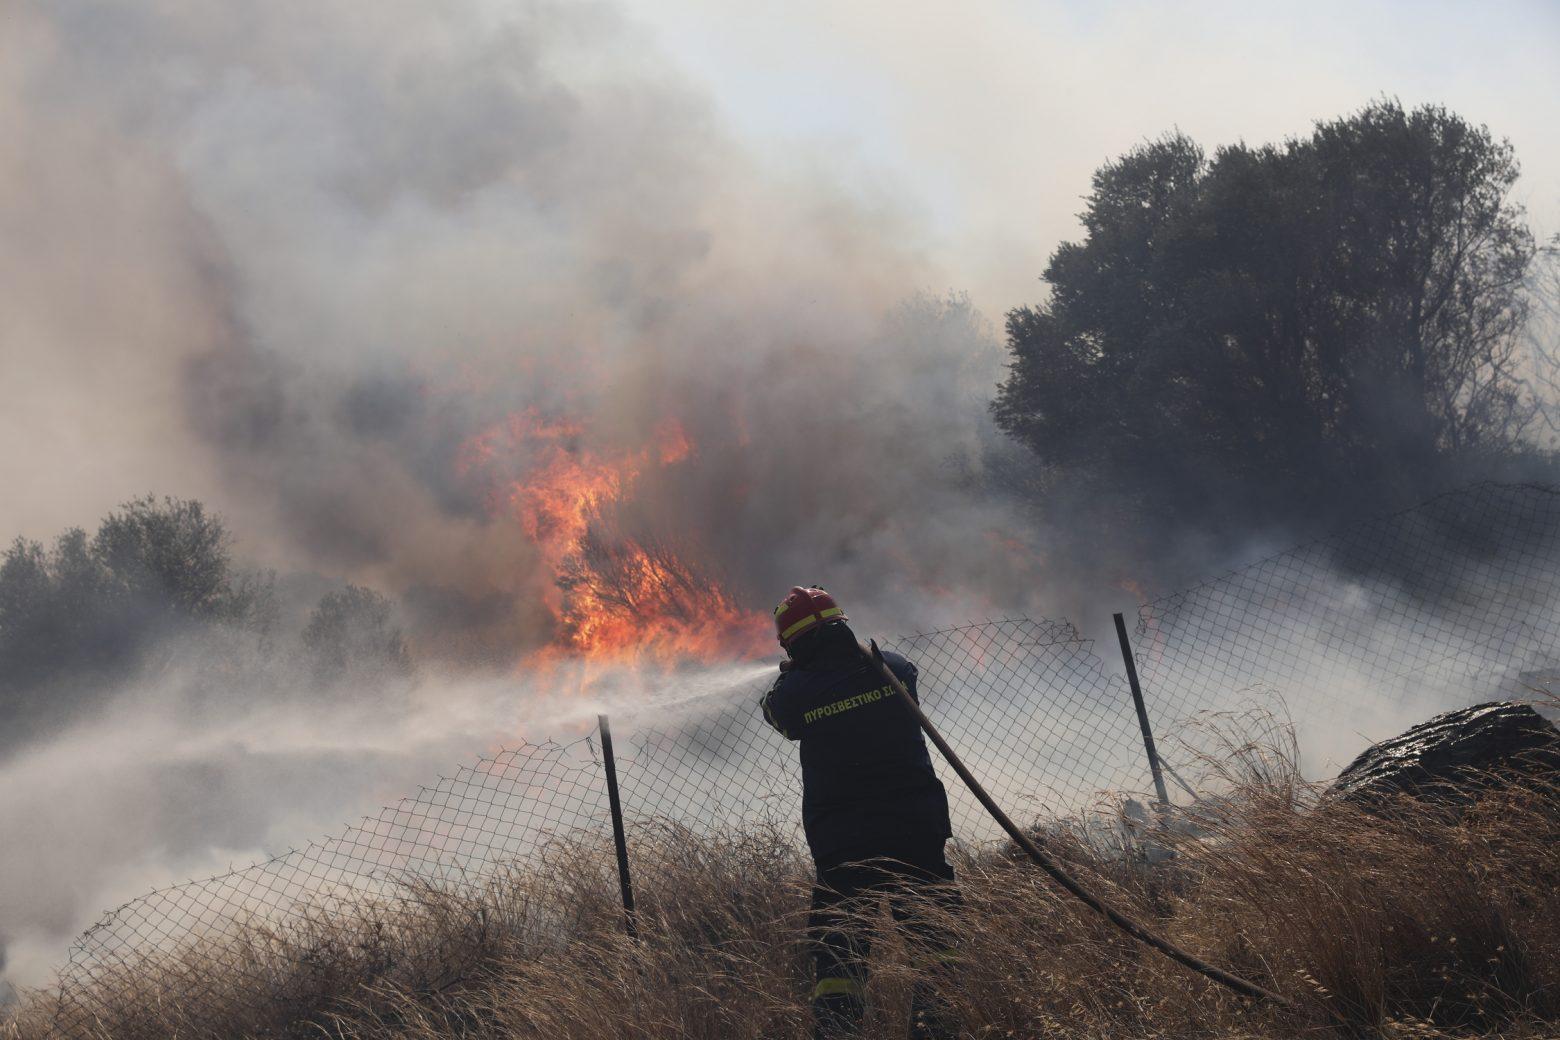 Πάνω από 94.000 στρέμματα η καμένη γη στα Βίλια – Πολωνοί και Ρουμάνοι  παραμένουν στην Ελλάδα για τις φωτιές - Ειδήσεις - νέα - Το Βήμα Online